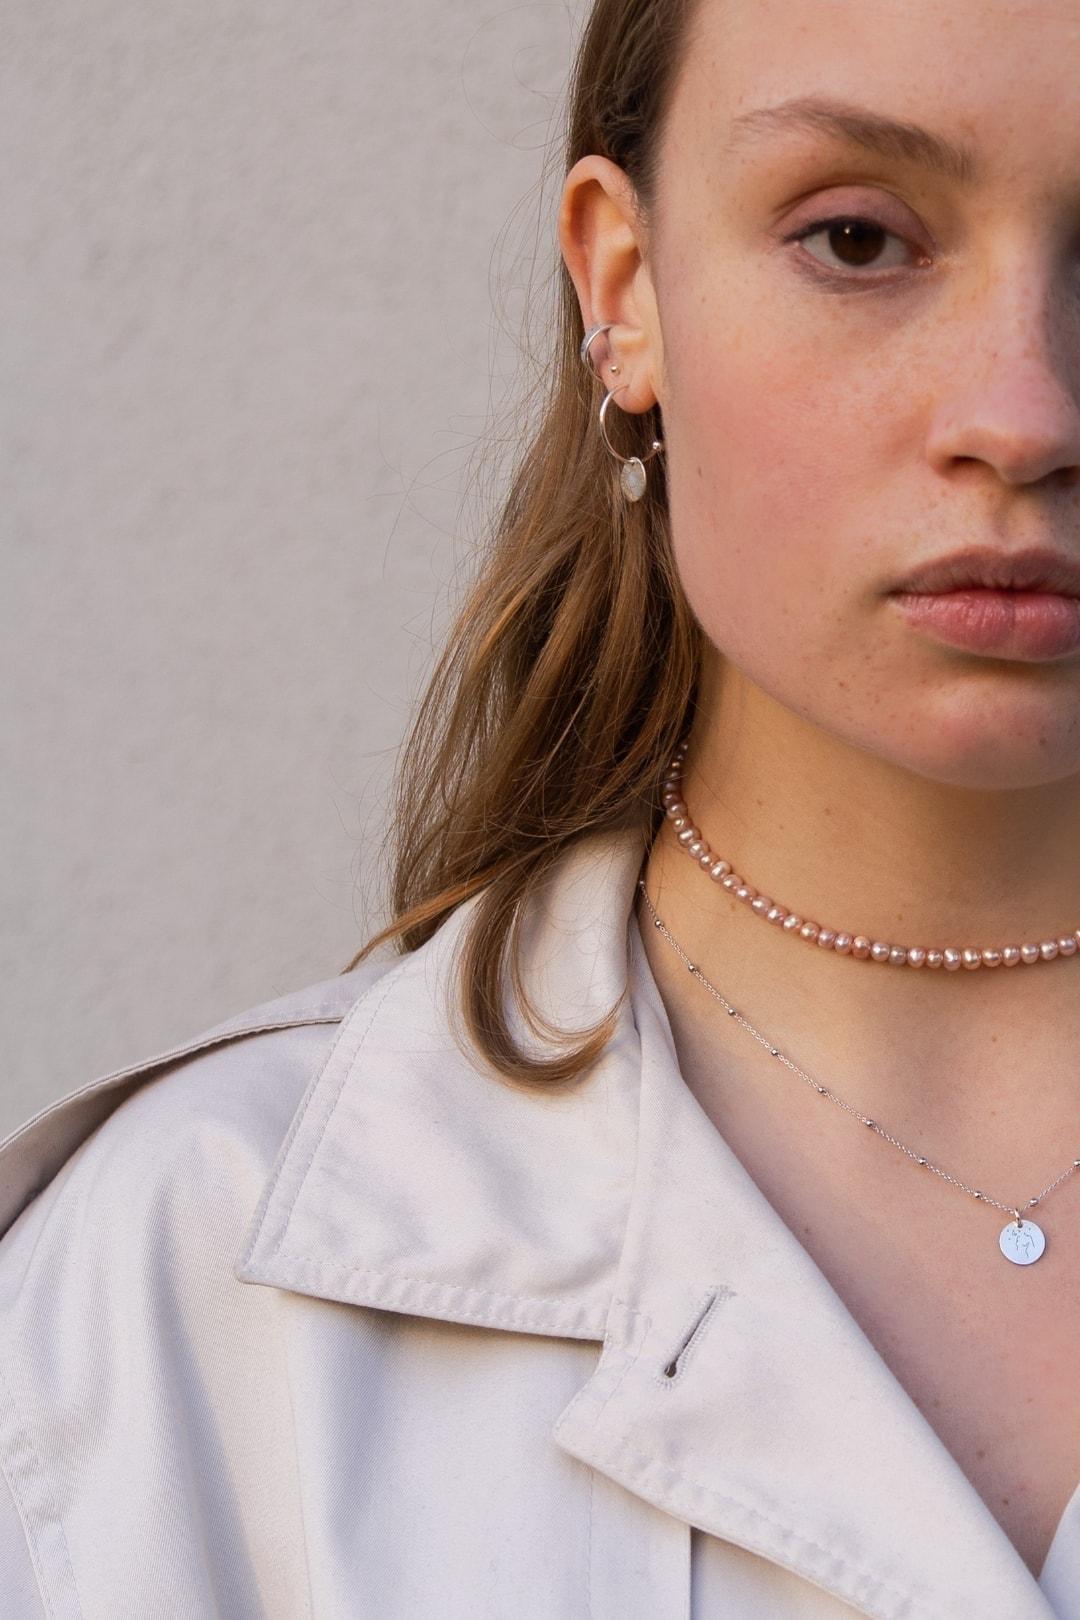 Modelka prezentuje na sobie choker z pereł i naszyjniik z grawerem BODY.